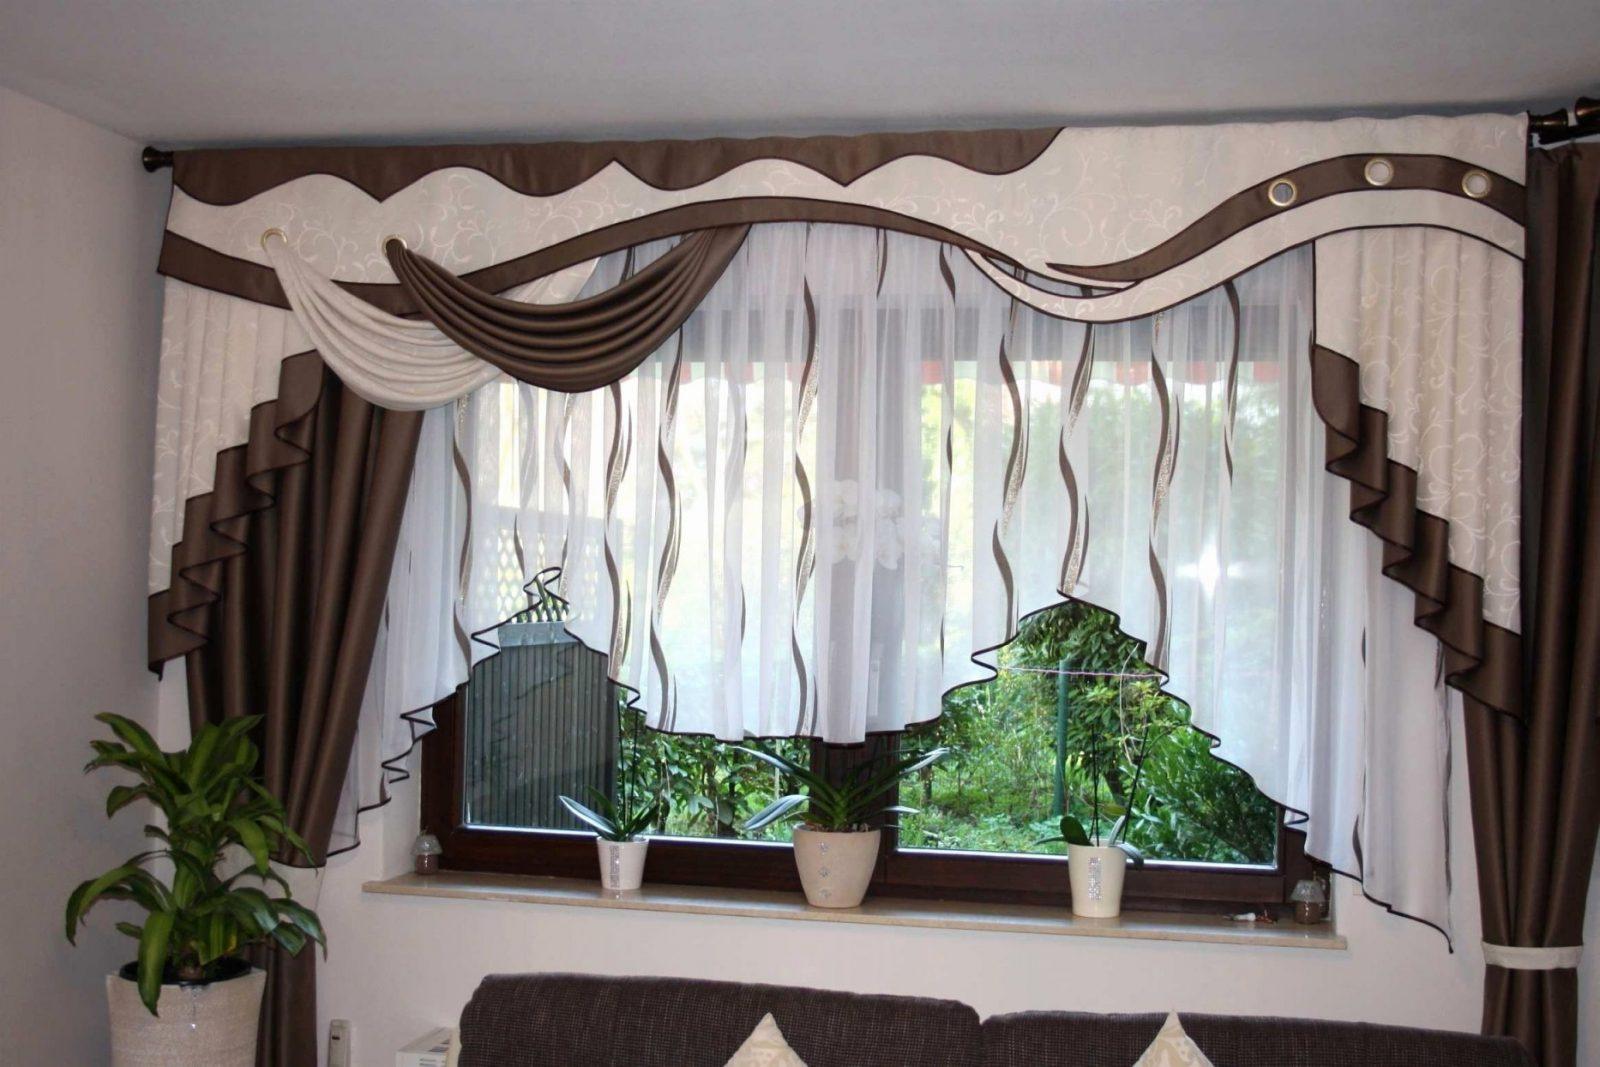 Gardinen Wohnzimmer Terrasse Für Planen Gardinen Für Großes Fenster von Gardinen Für Wohnzimmer Mit Balkontür Photo